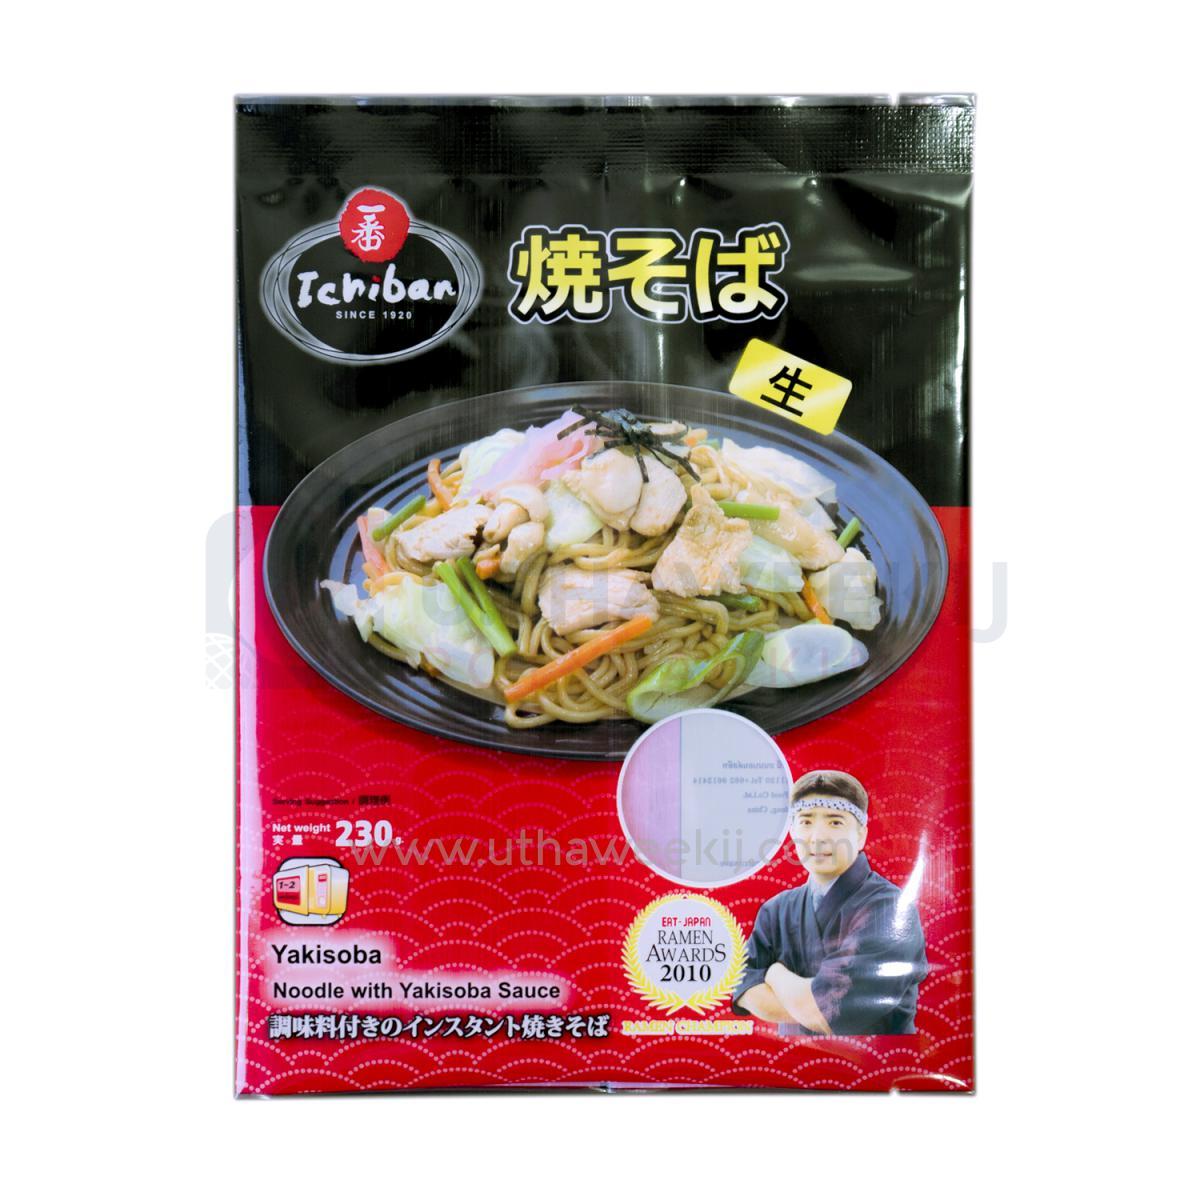 ถุงลามิเนตสำหรับบรรจุอาหาร